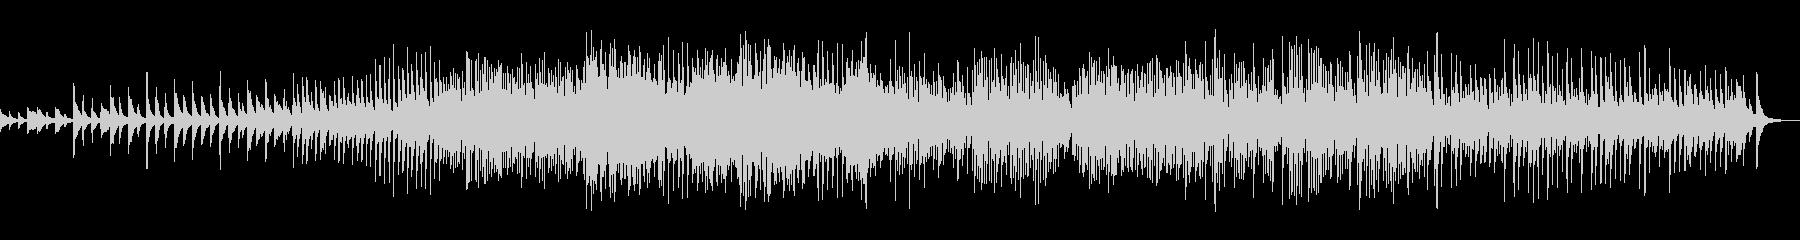 琴が奏でる和風パッヘルベルのカノンの未再生の波形